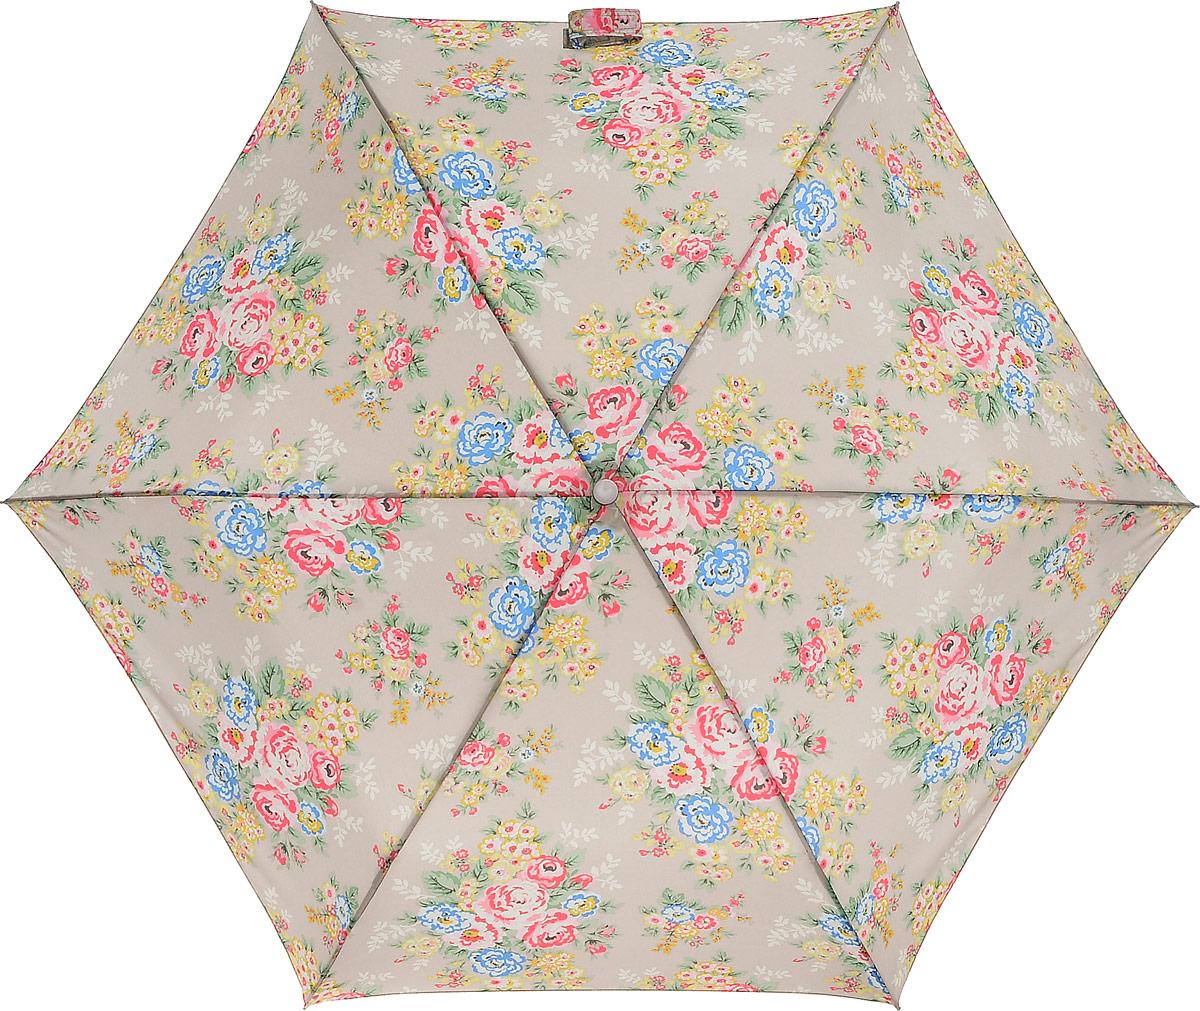 Зонт женский Cath Kidston Minilite, механический, 3 сложения, цвет: бежевый, мультиколор. L768-3139K50K503414_0010Стильный механический зонт Cath Kidston Minilite в 3 сложения даже в ненастную погоду позволит вам оставаться элегантной. Облегченный каркас зонта выполнен из 8 спиц из фибергласса и алюминия, стержень также изготовлен из алюминия, удобная рукоятка - из пластика. Купол зонта выполнен из прочного полиэстера. В закрытом виде застегивается хлястиком на липучке. Яркий оригинальный цветочный принт поднимет настроение в дождливый день.Зонт механического сложения: купол открывается и закрывается вручную до характерного щелчка.На рукоятке для удобства есть небольшой шнурок, позволяющий надеть зонт на руку тогда, когда это будет необходимо. К зонту прилагается чехол с небольшой нашивкой с названием бренда. Такой зонт компактно располагается в кармане, сумочке, дверке автомобиля.